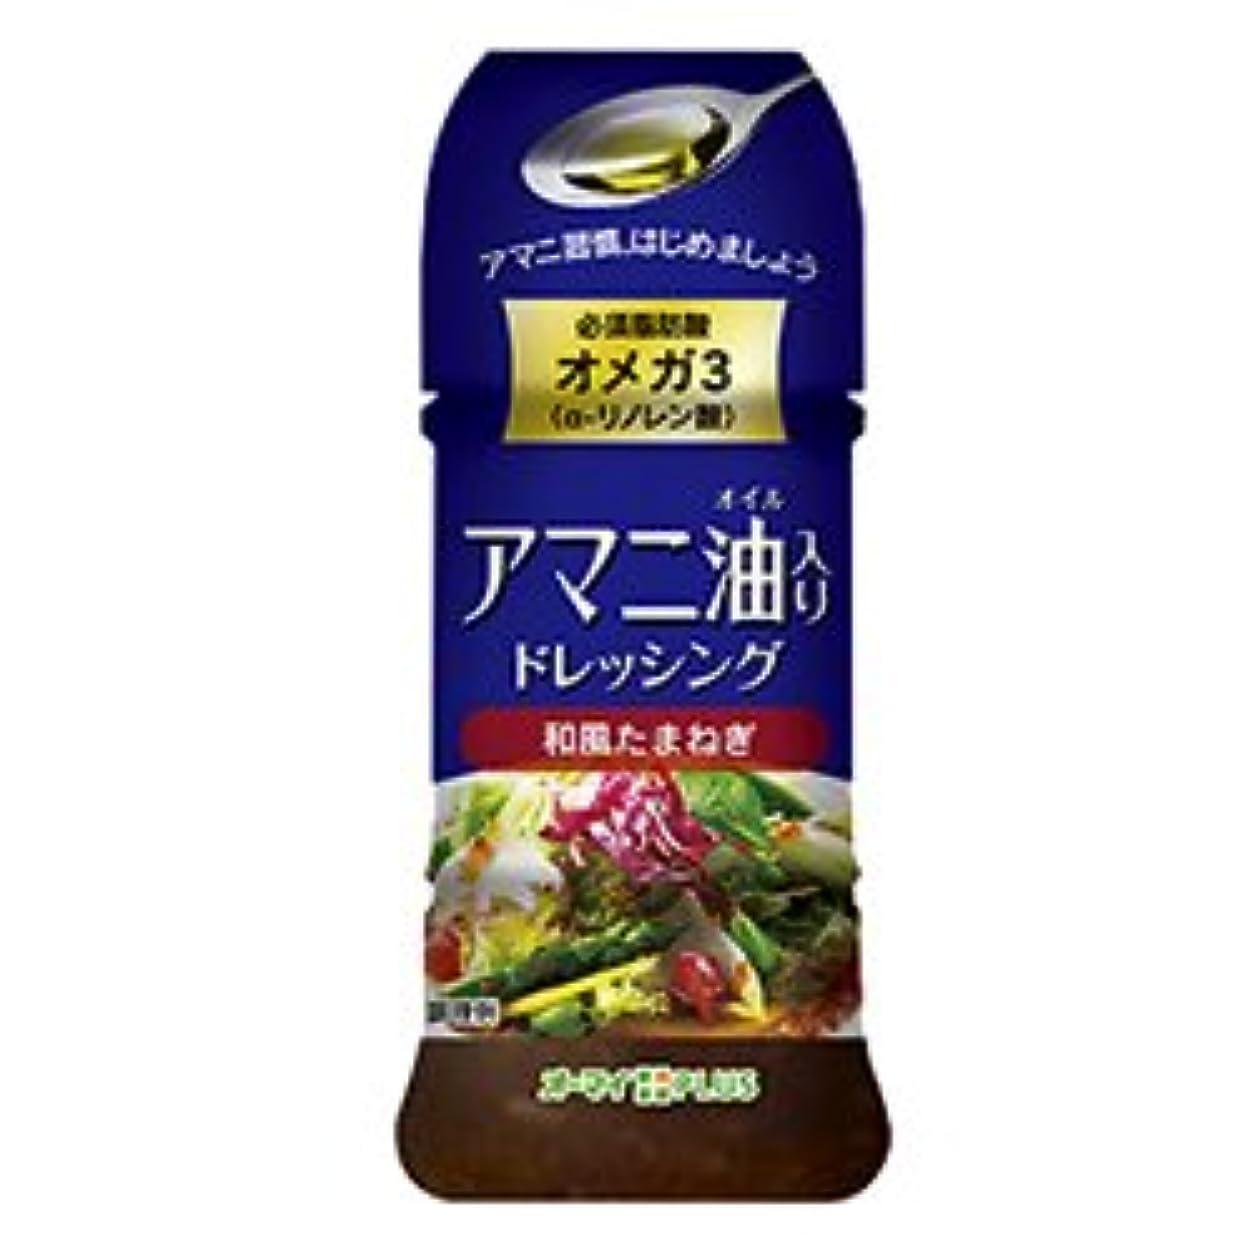 残酷な嫌がらせゆりアマニ油ドレッシング 和風たまねぎ【5本セット】日本製粉